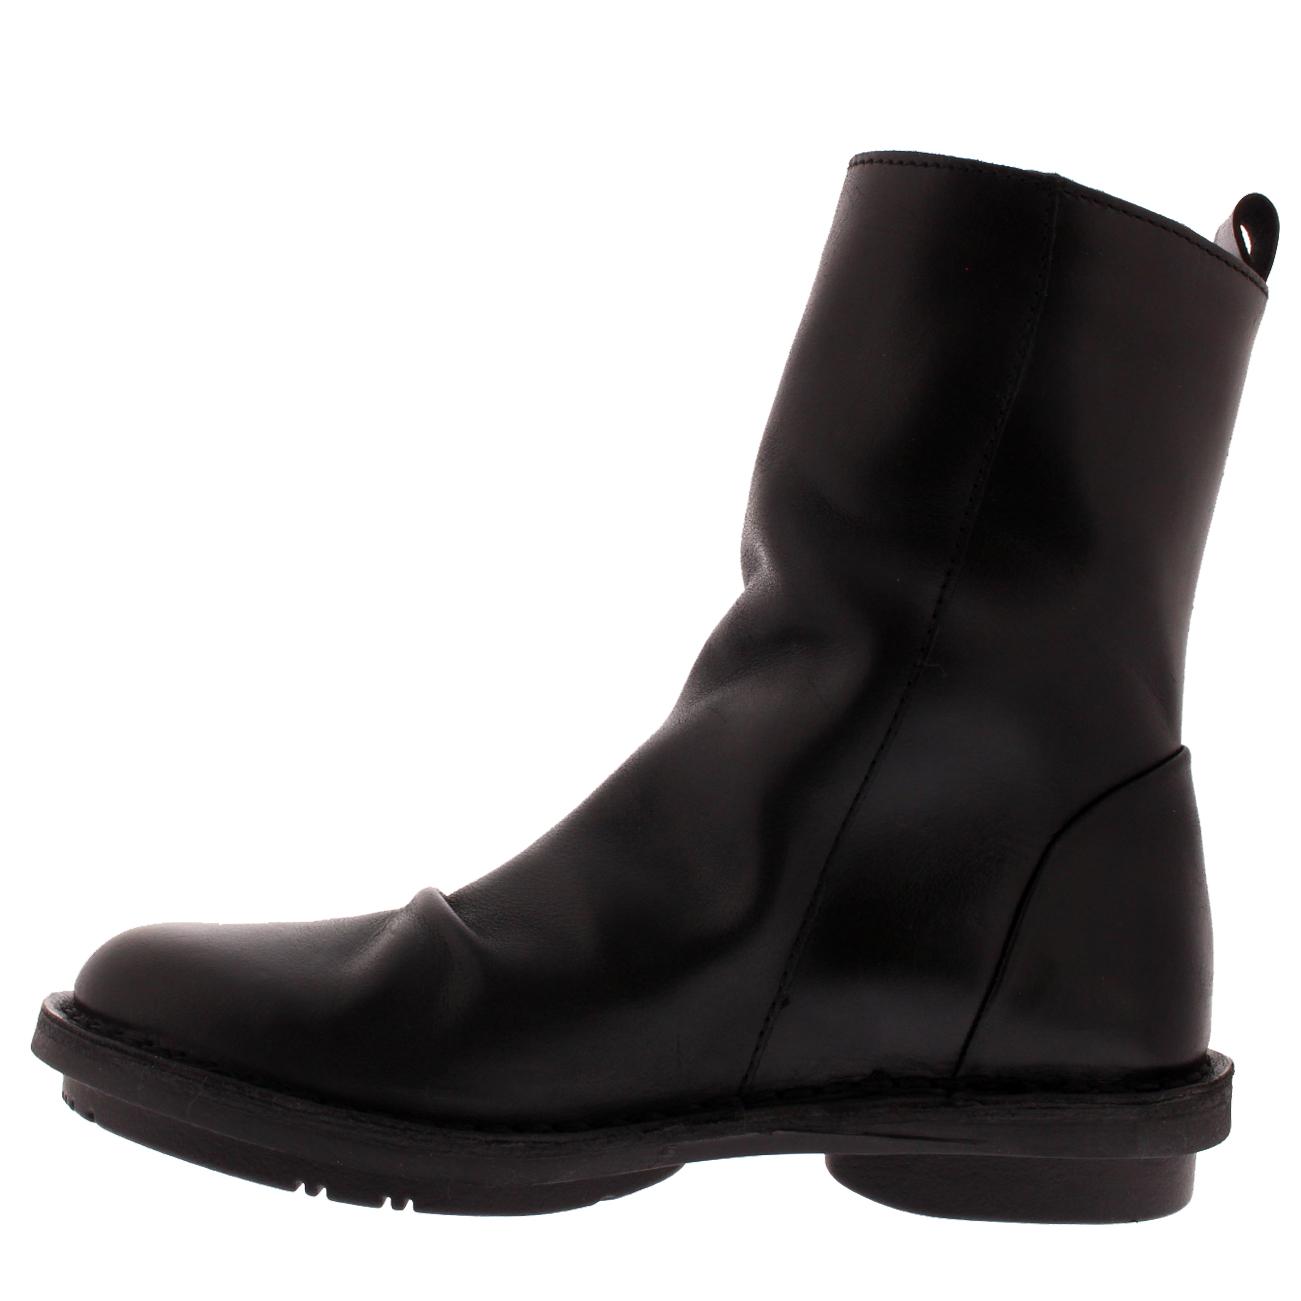 Mujer Fly London Fade Cuero Trabajo De Invierno de botas al tobillo de Invierno moda Slouch UK 3-10 184b30